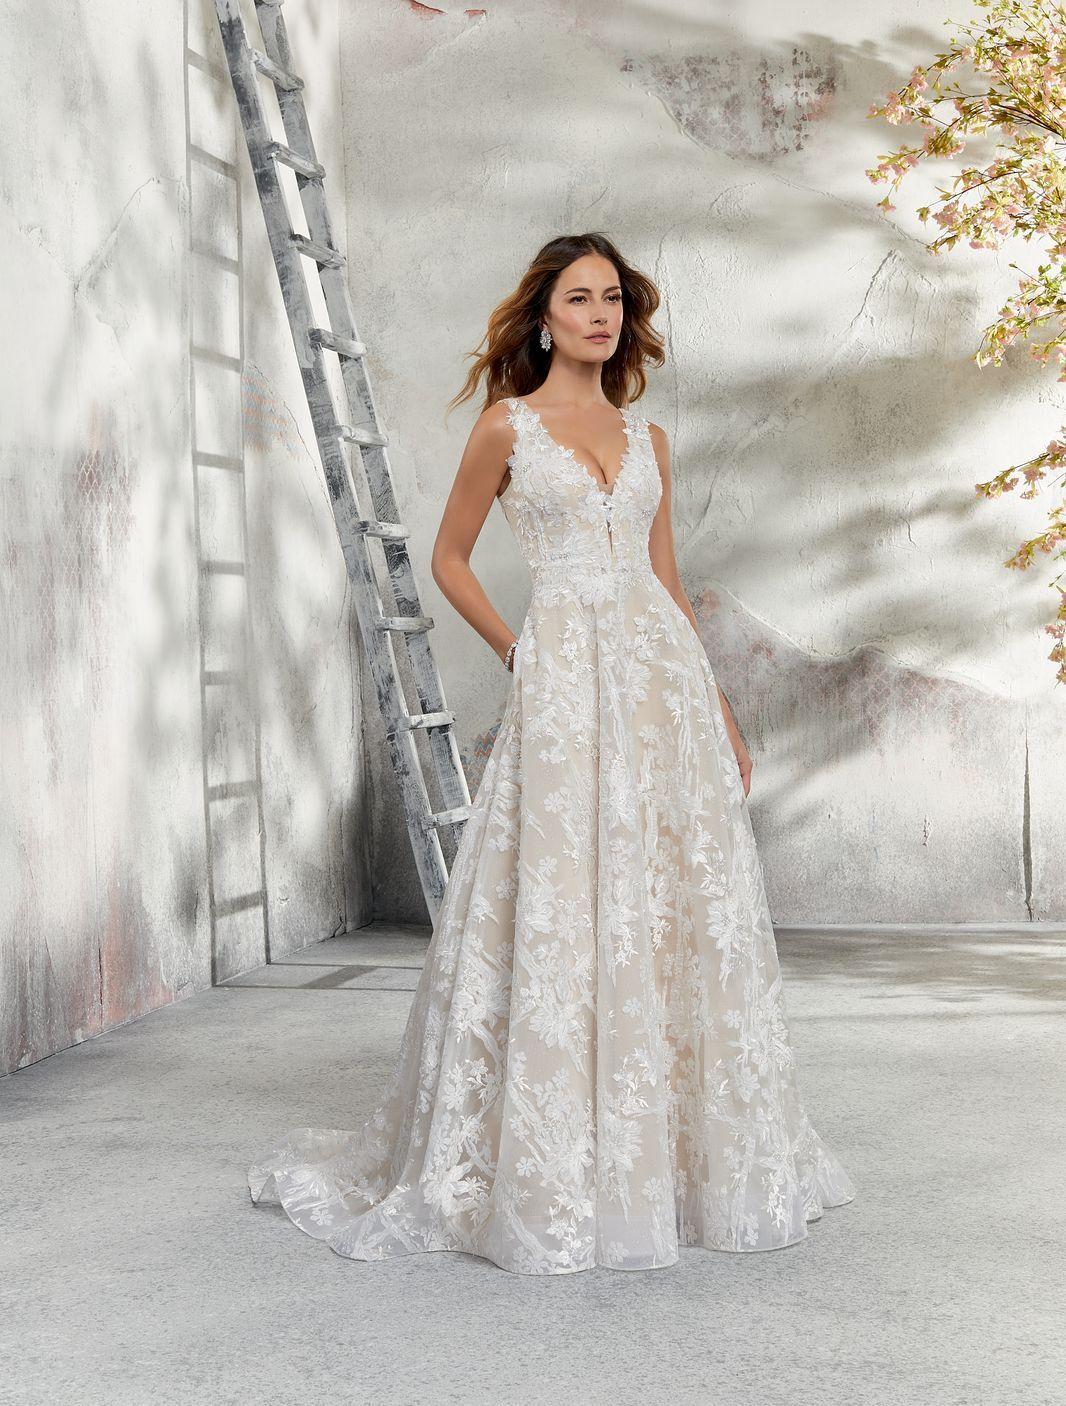 cfb474da44 Model 5695 - Zachwycająca brokatowa suknia ślubna z tiulu